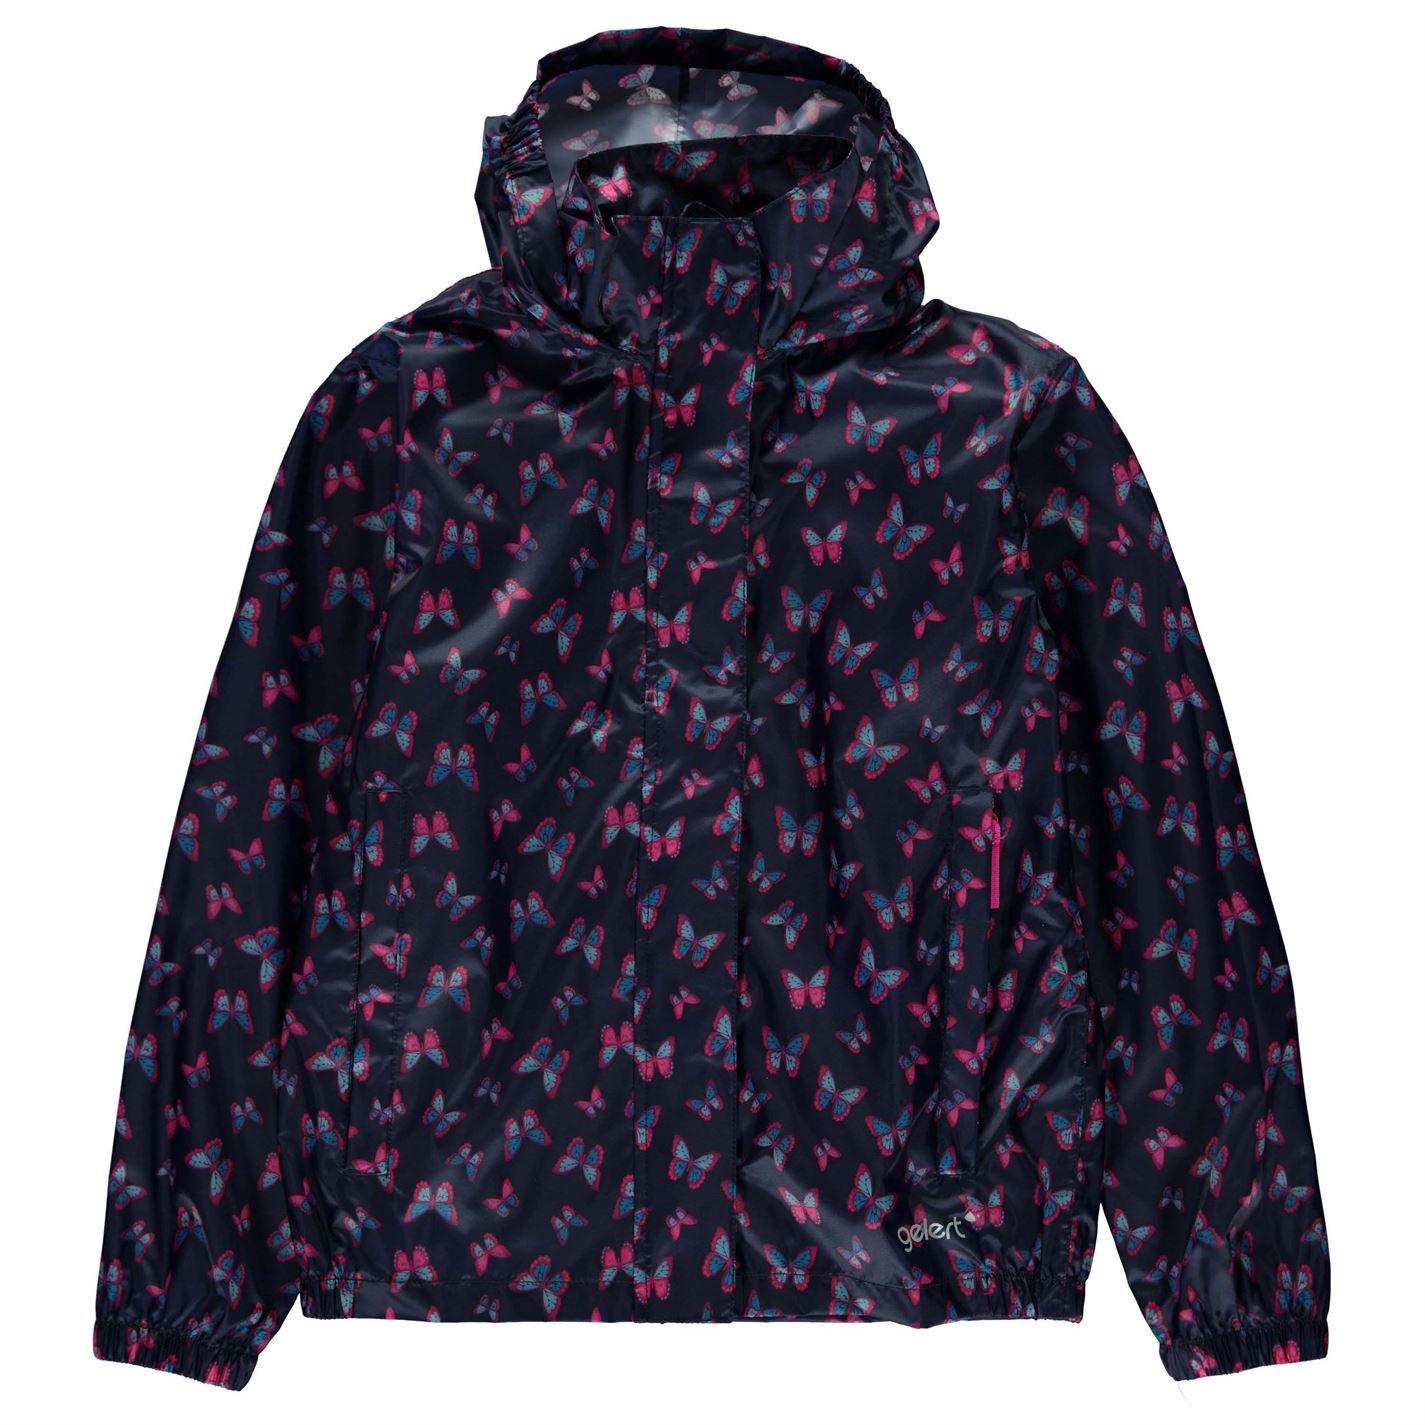 Gelert Girls Packaway Jacket Butterfly AOP 13 XLG